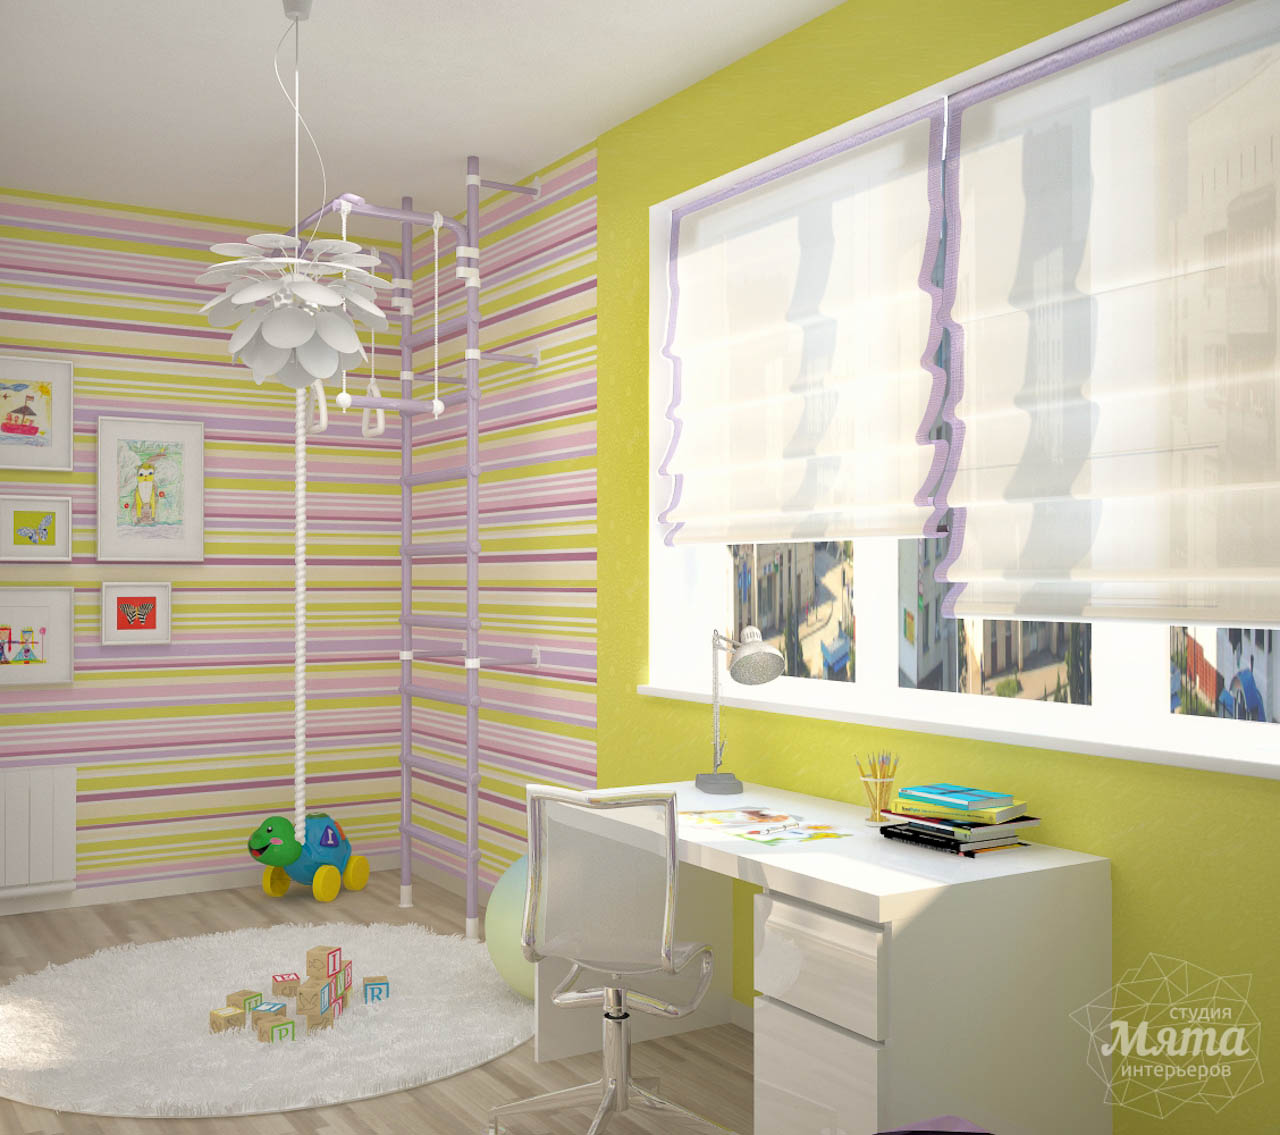 Дизайн интерьера и ремонт трехкомнатной квартиры по ул. Попова 33а img409689381